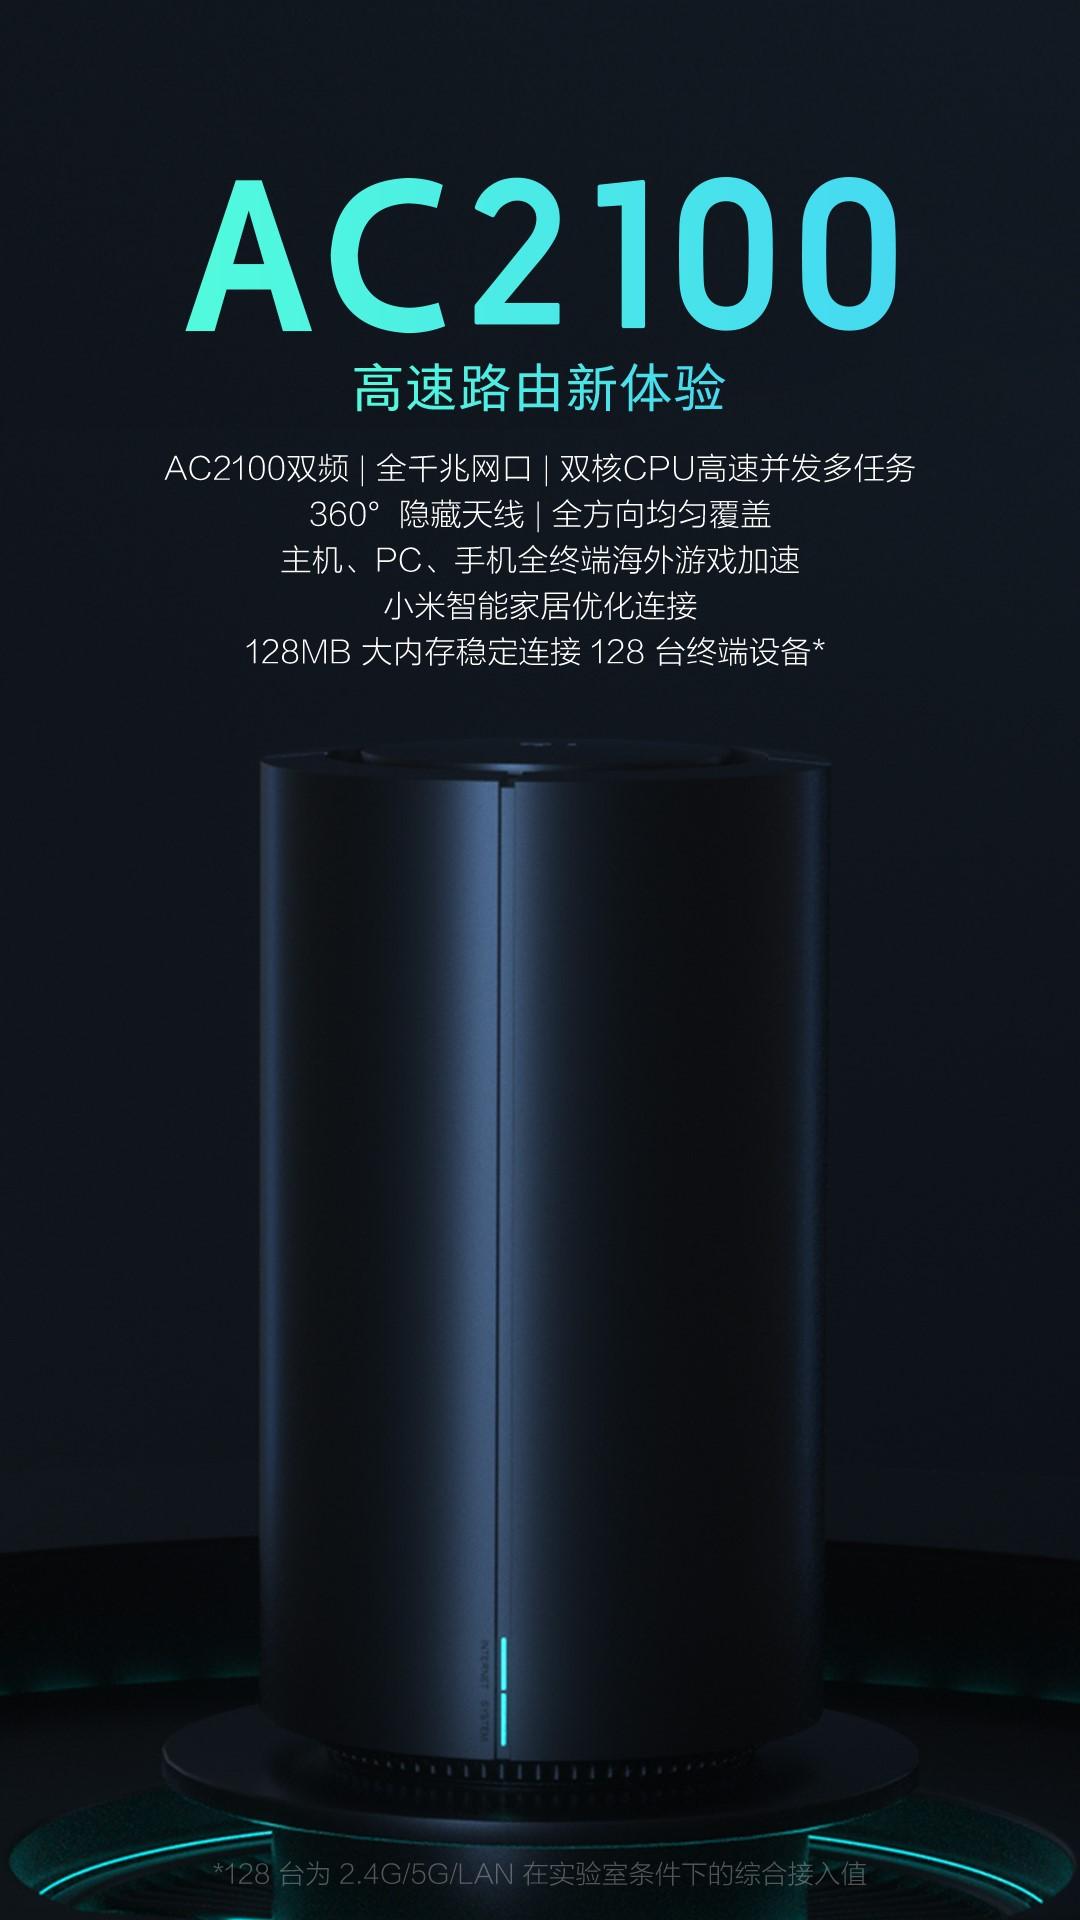 小米发布路由器新品AC2100,米家设备首次联网无需手动输入密码